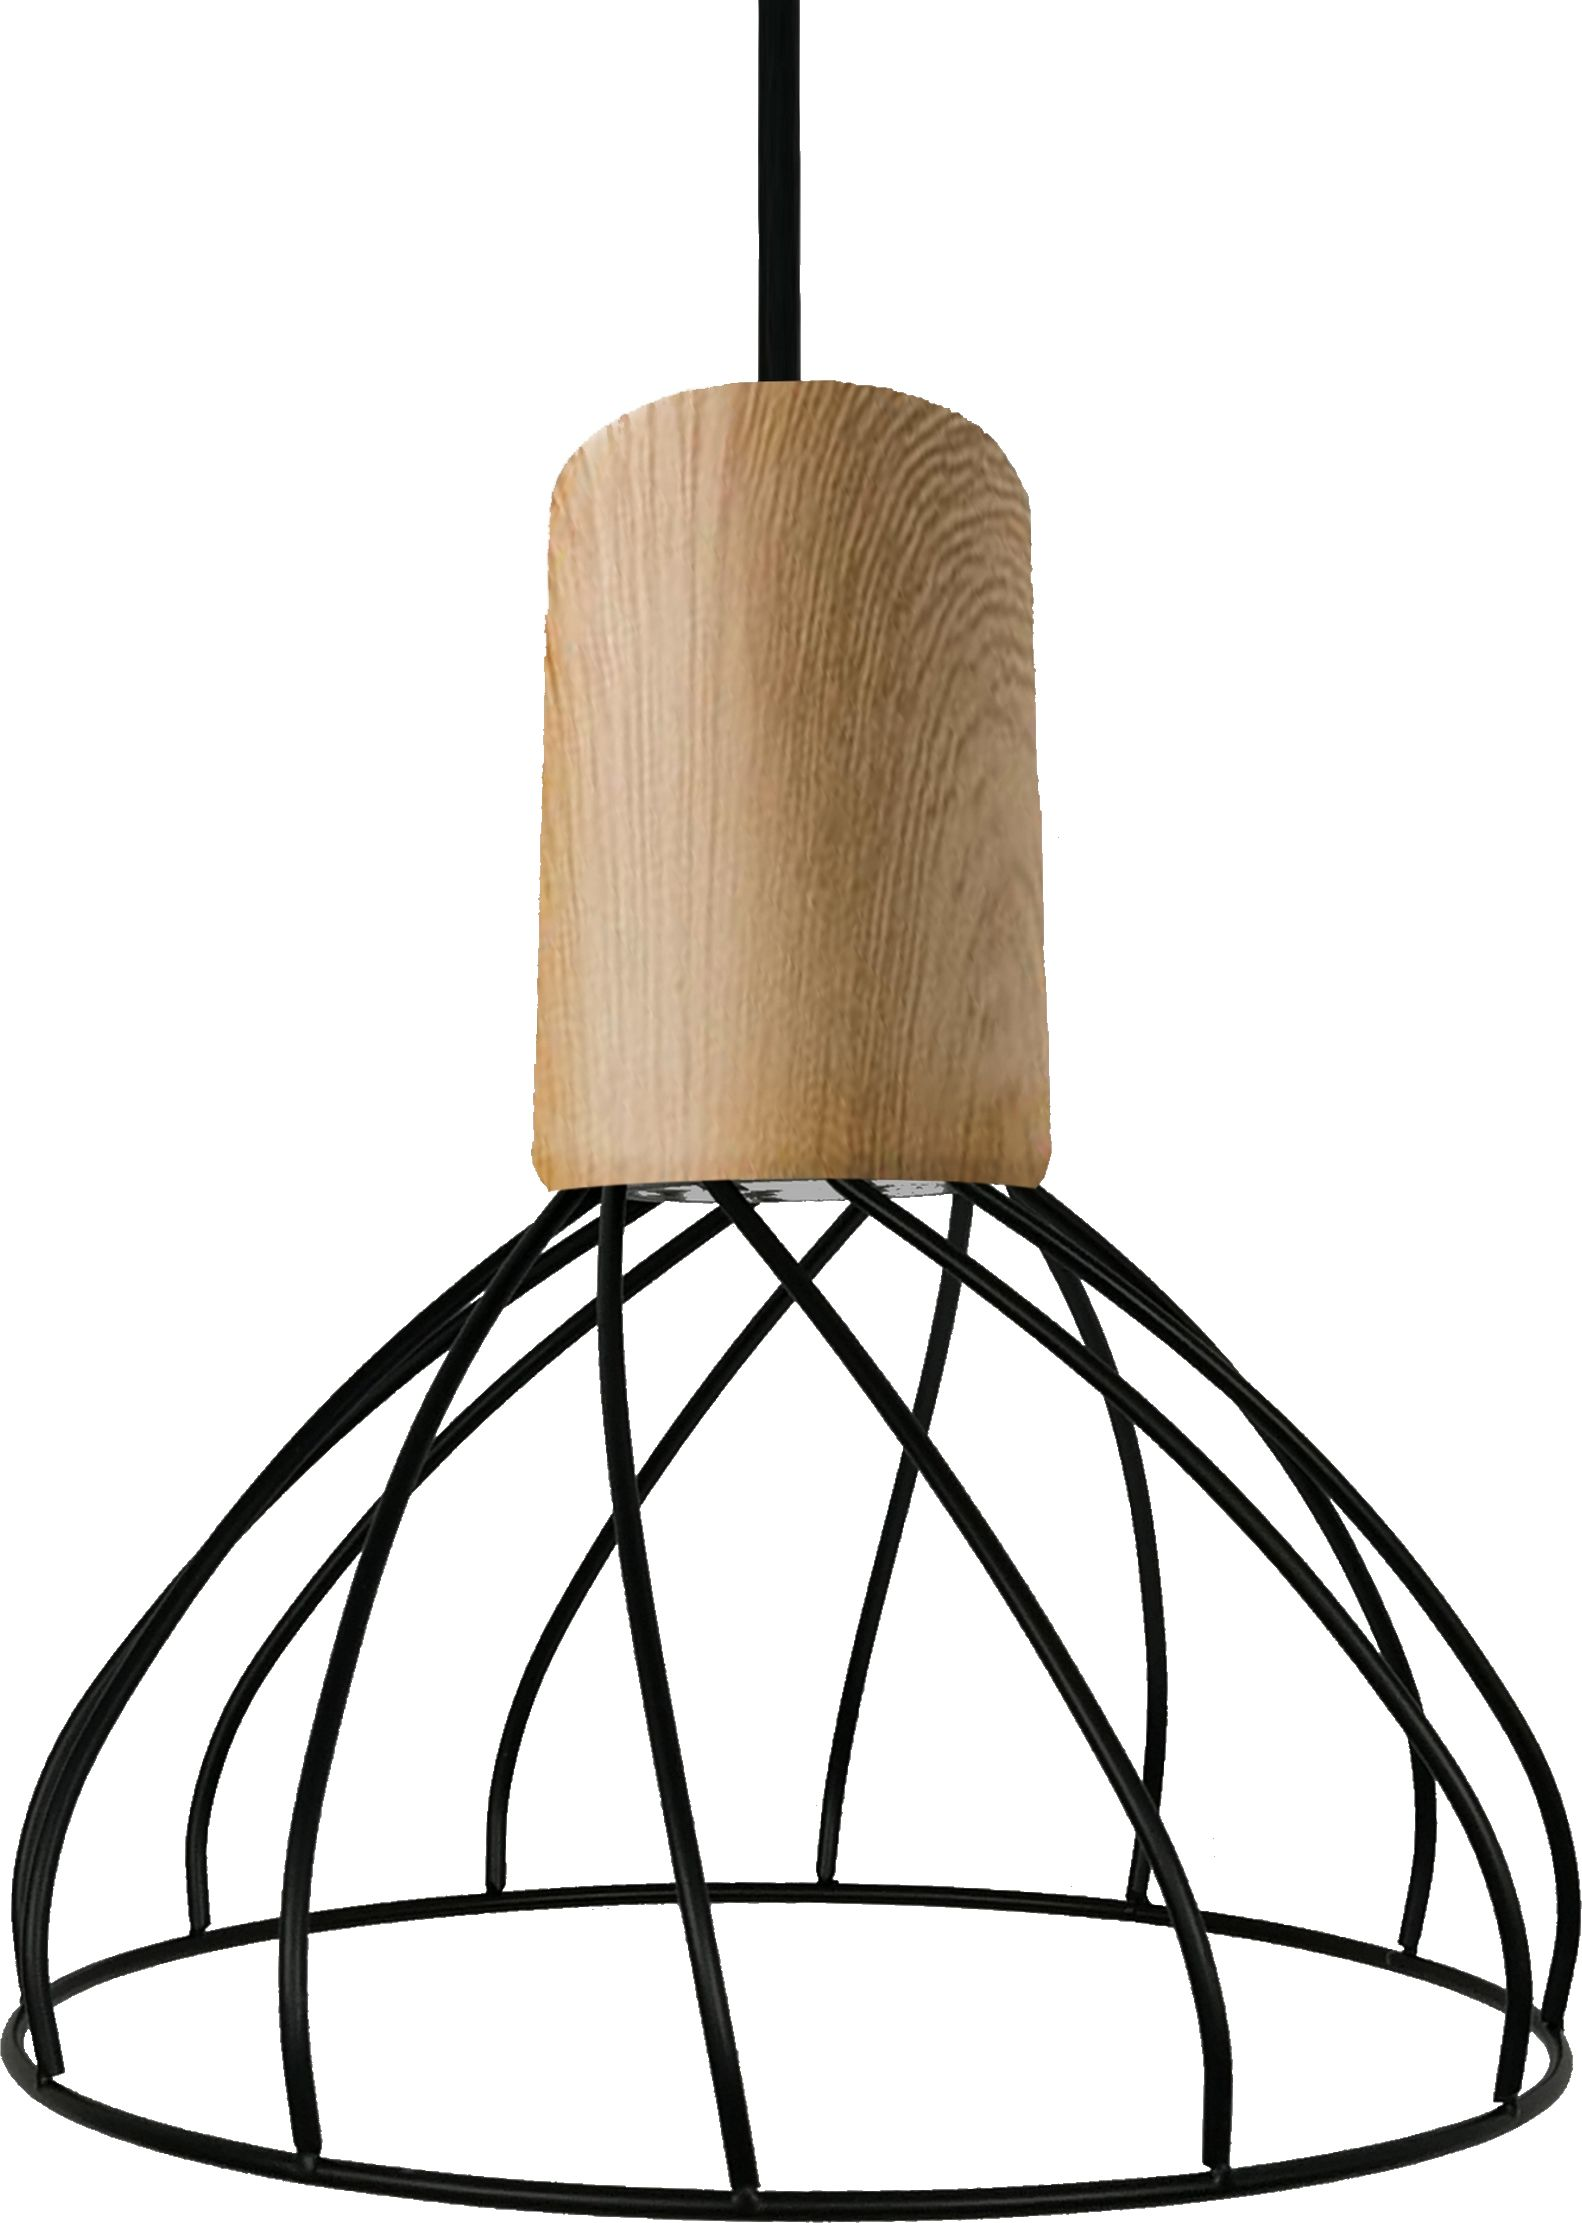 Light Prestige Moderno LP-1221/1P S BK lampa wisząca koszyk metalowy czarny 1x50W GU10 19,5cm